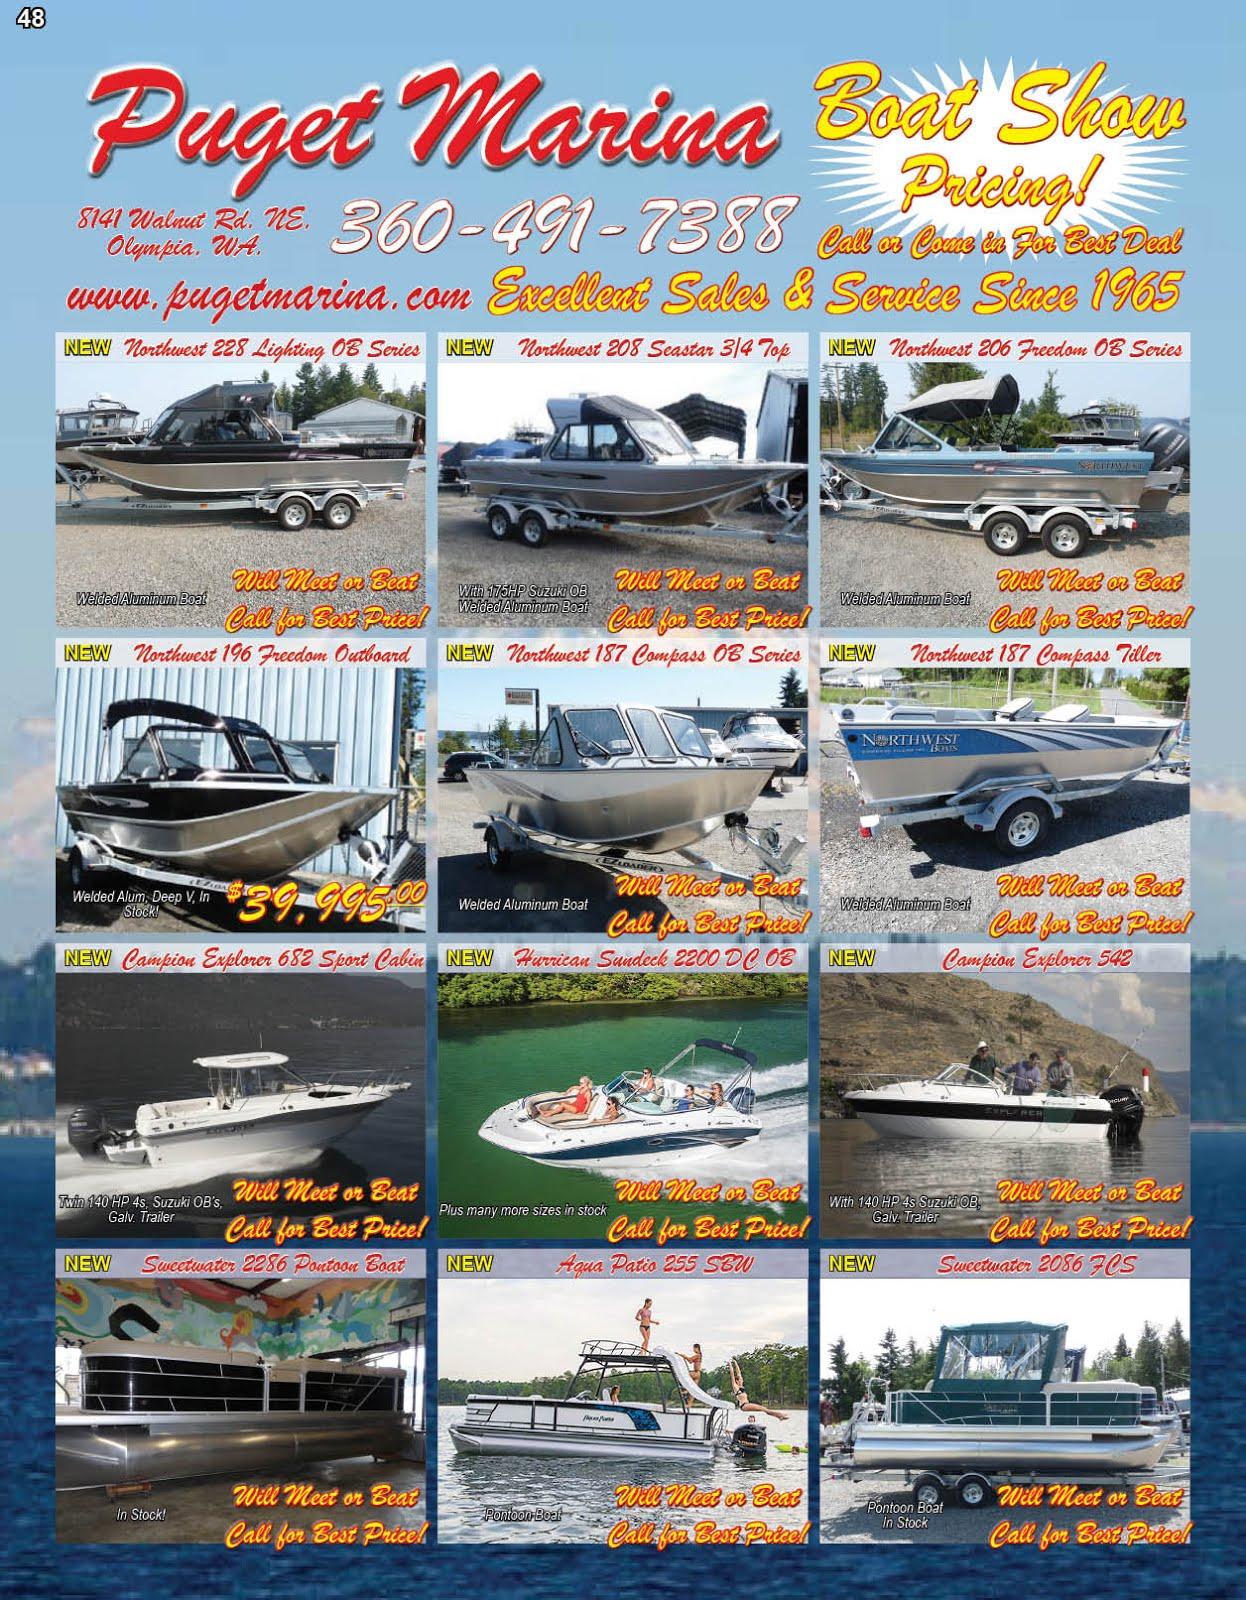 Puget Marina Boat Show Specials